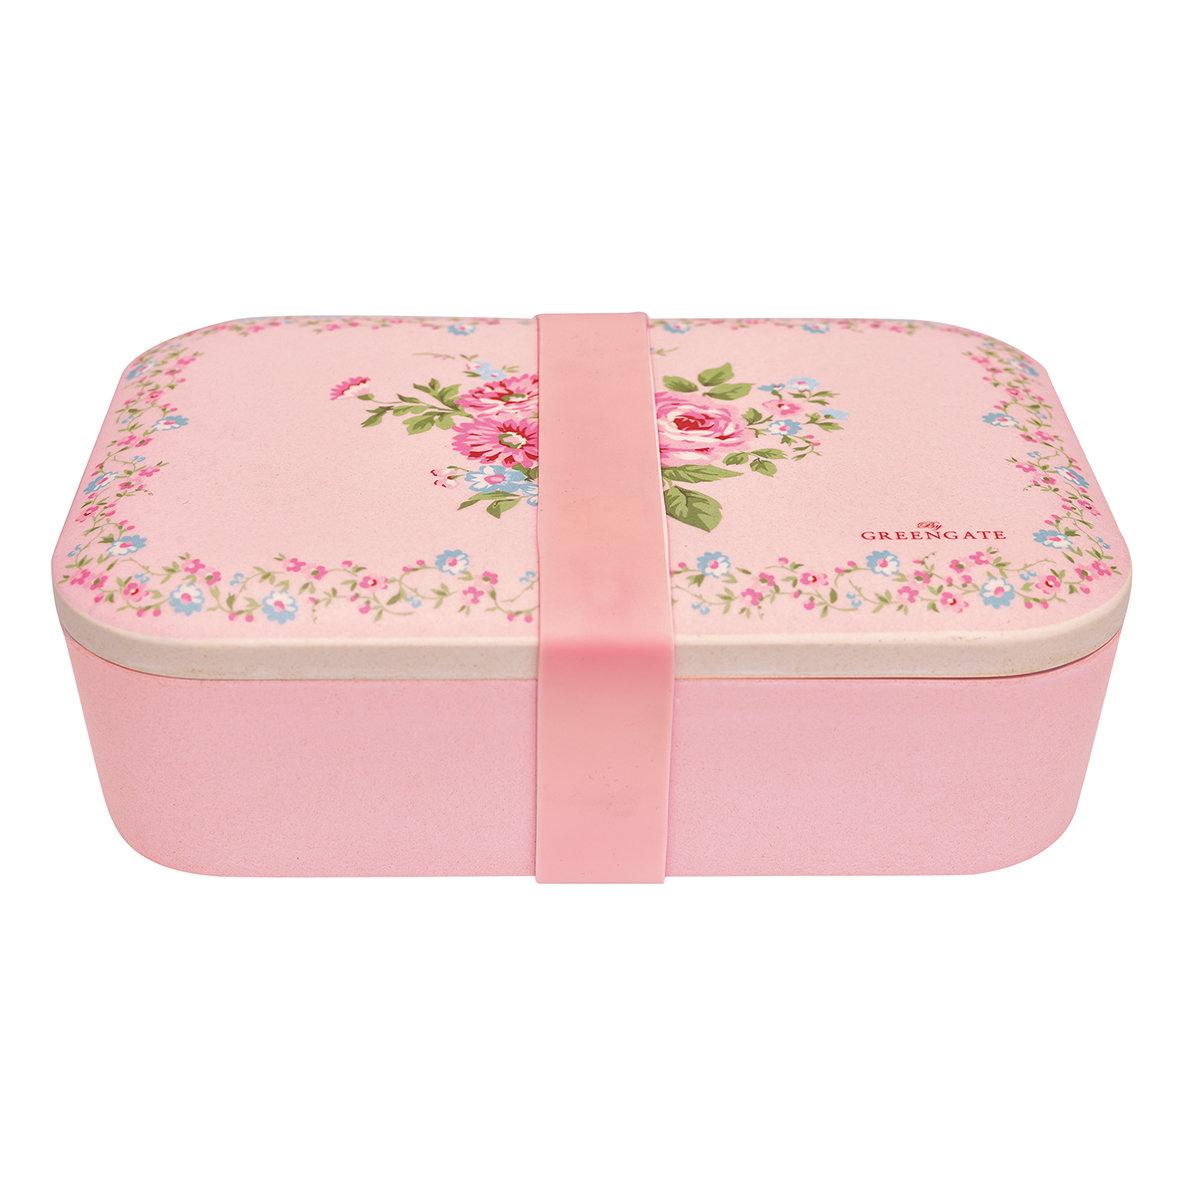 Lunch Box Marley